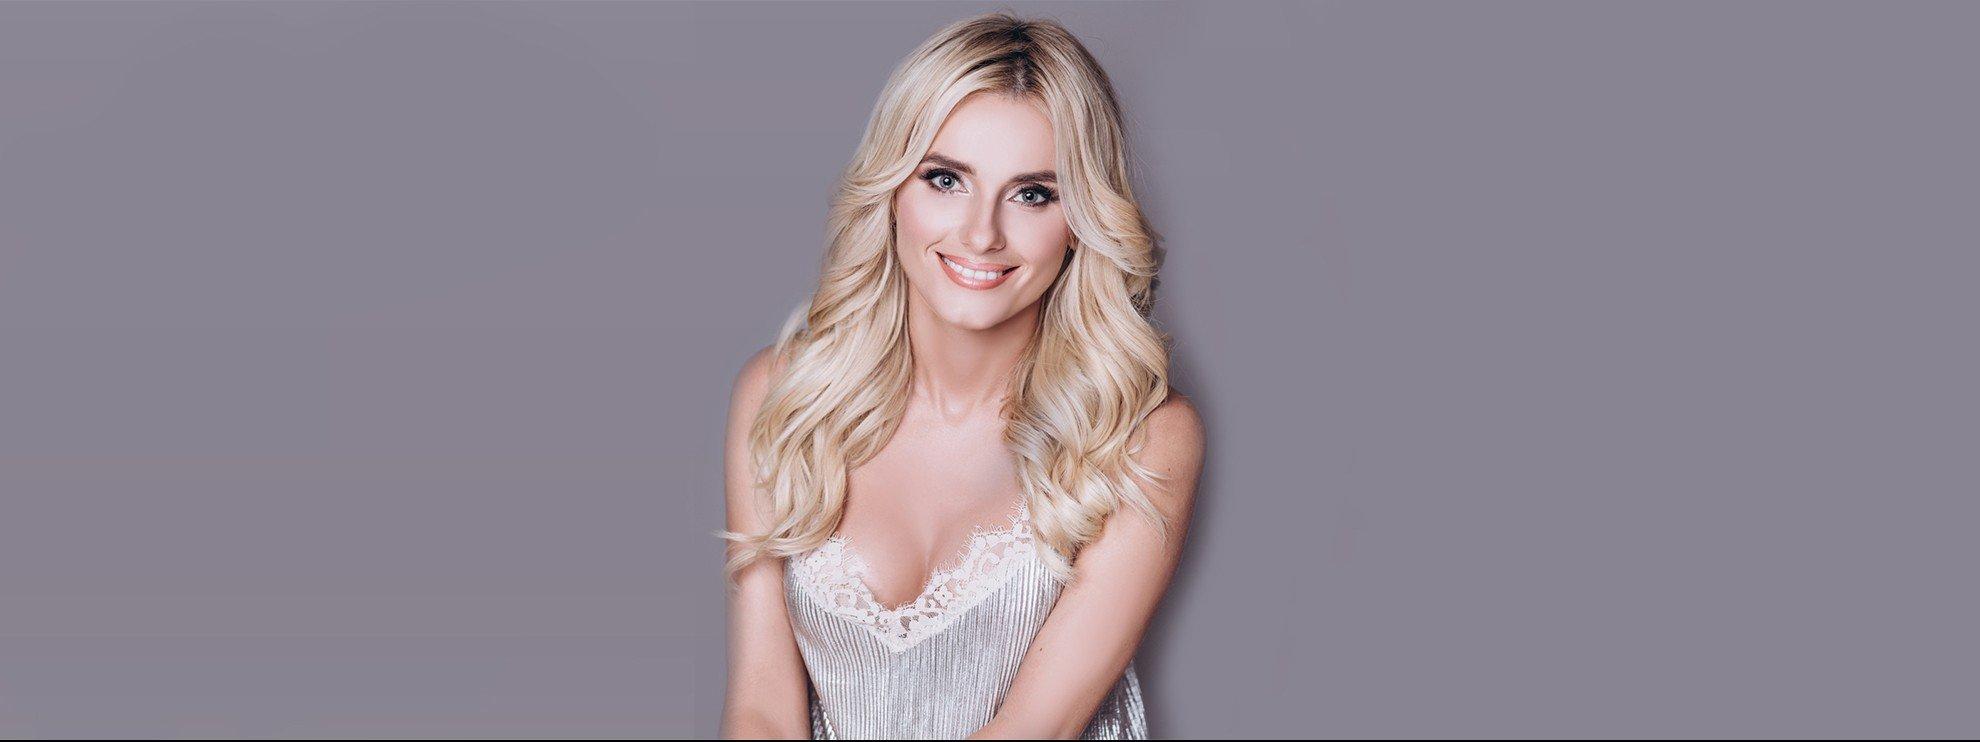 событие Ирина Федишин: Большое украинское шоу «Белые розы»